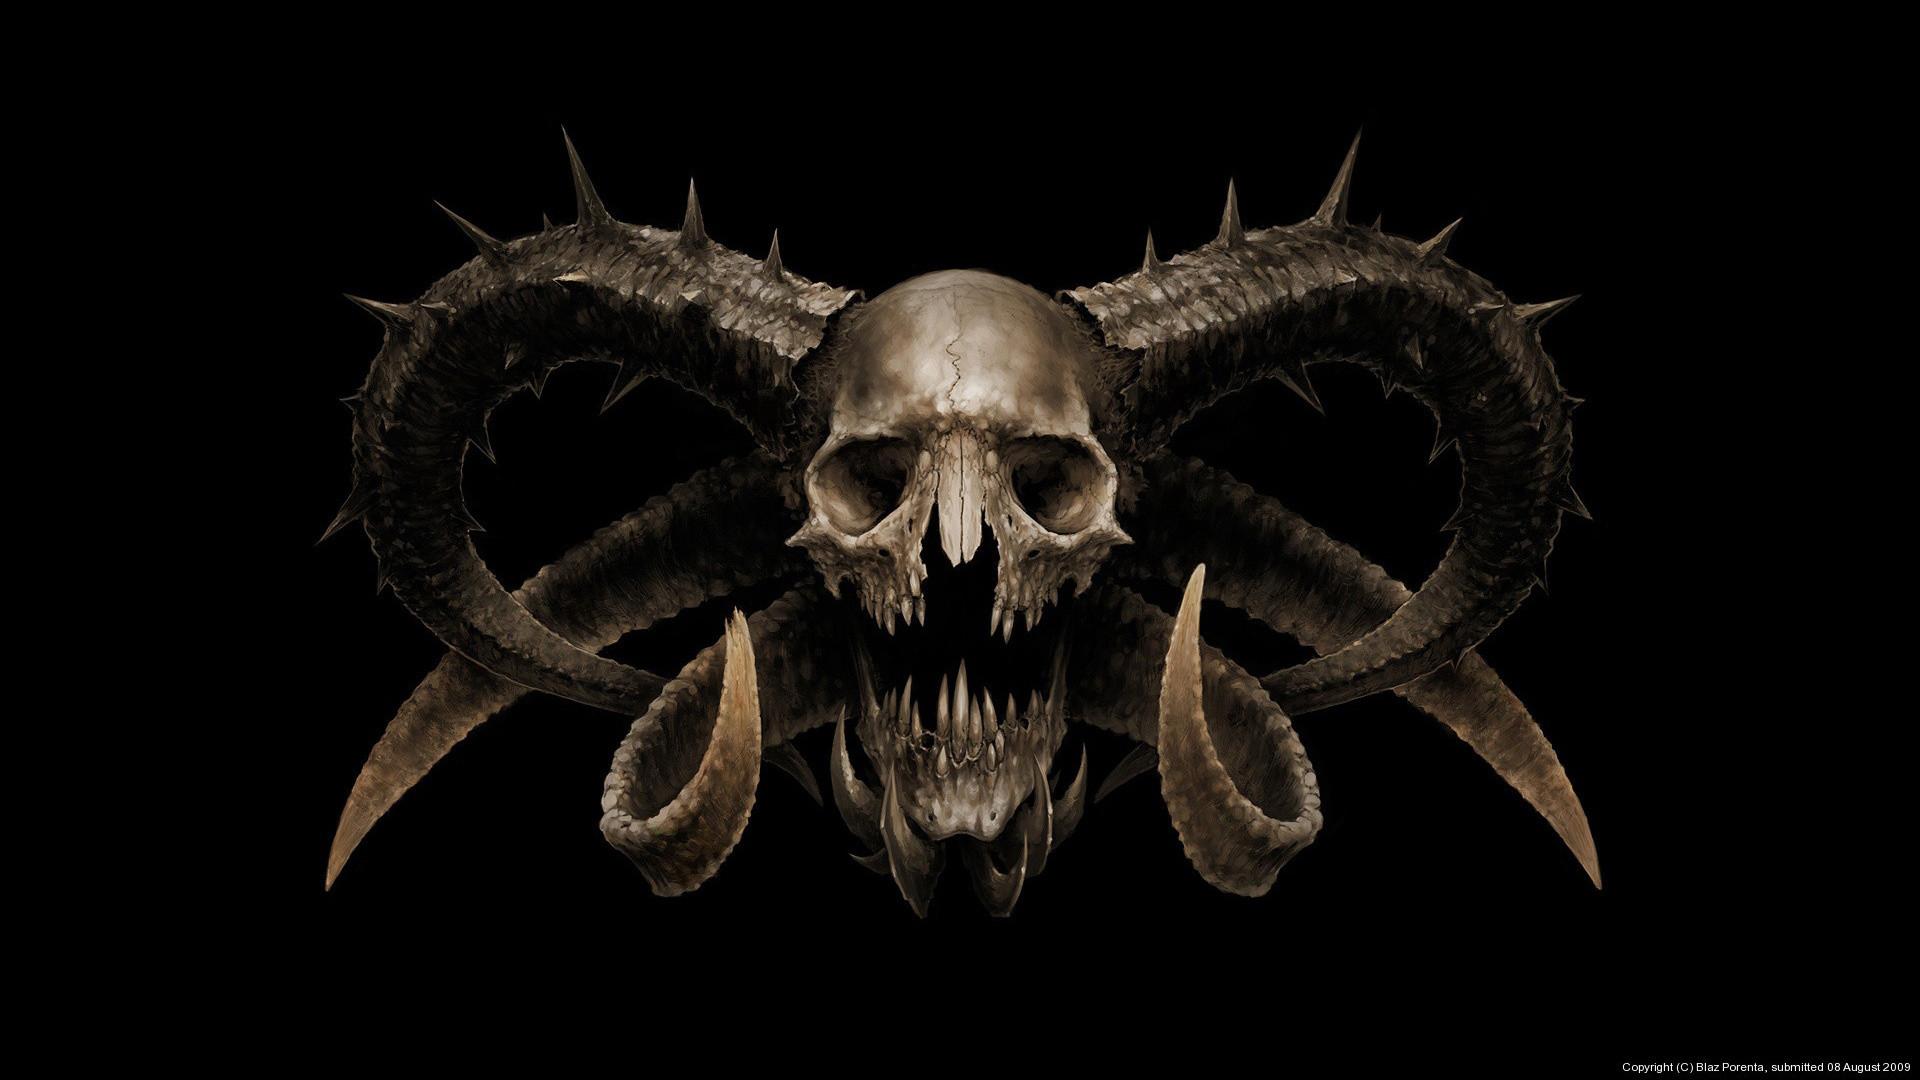 dark horror demon satan occult skull wallpaper